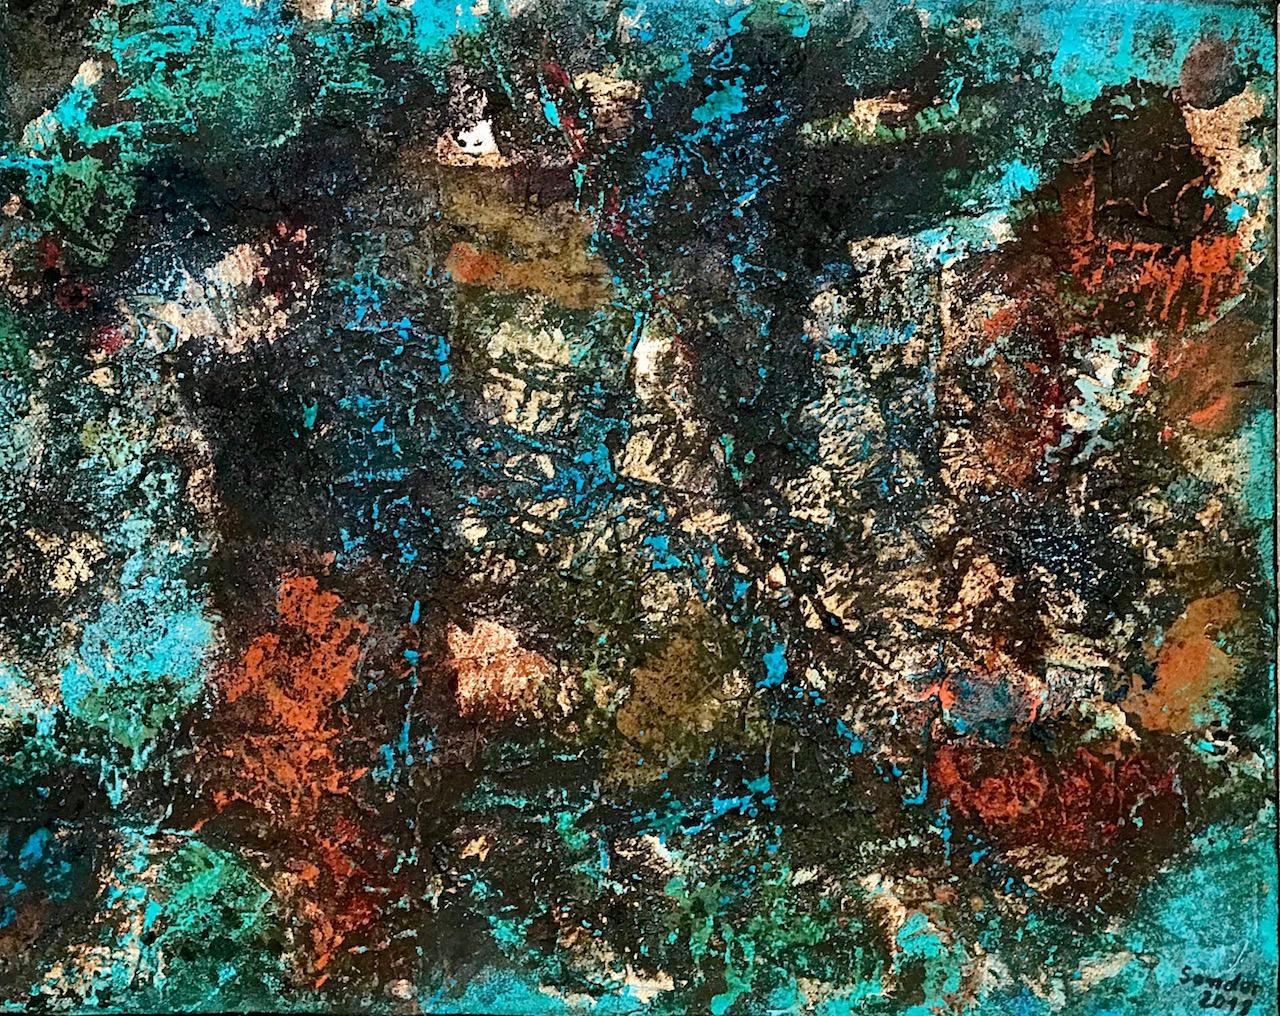 Struktur - 1, 40 x 50 cm, Acrylfarben auf Keilrahmen, signiert und datiert 2018